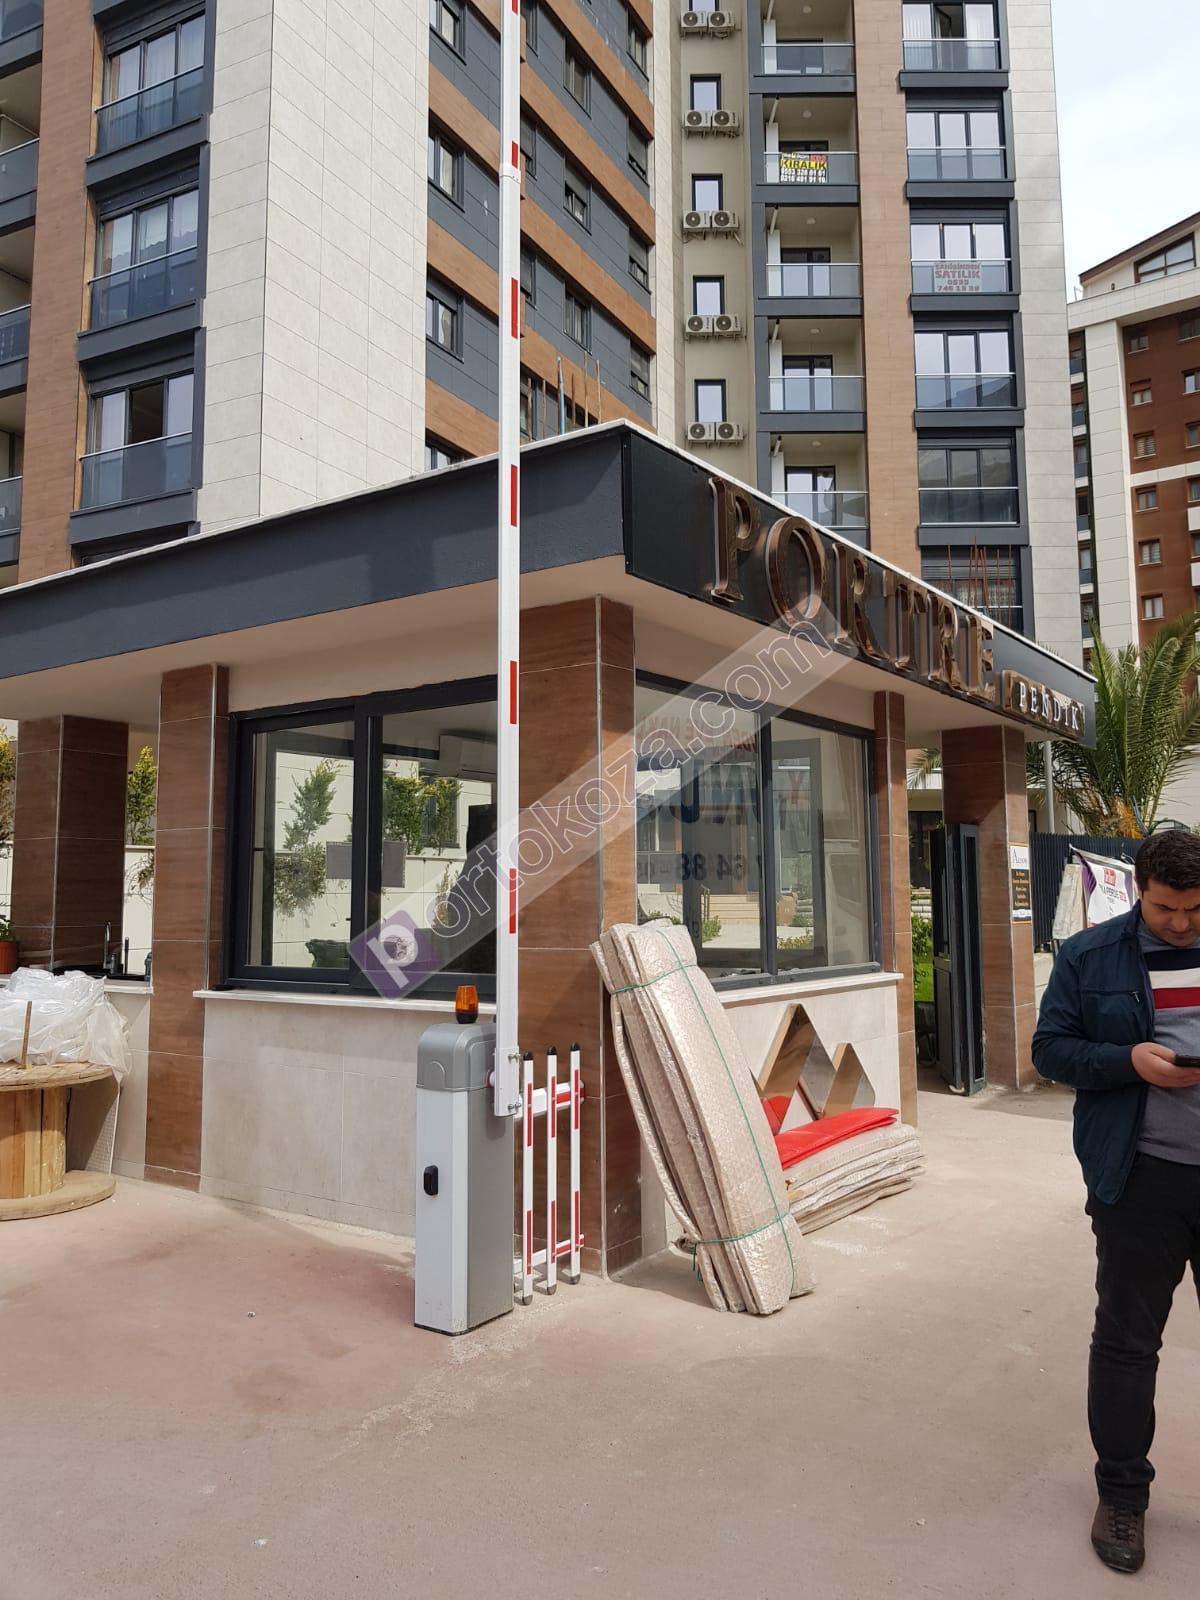 شقة للبيع  غرف 3+1 في بندك ، حي تشارشي